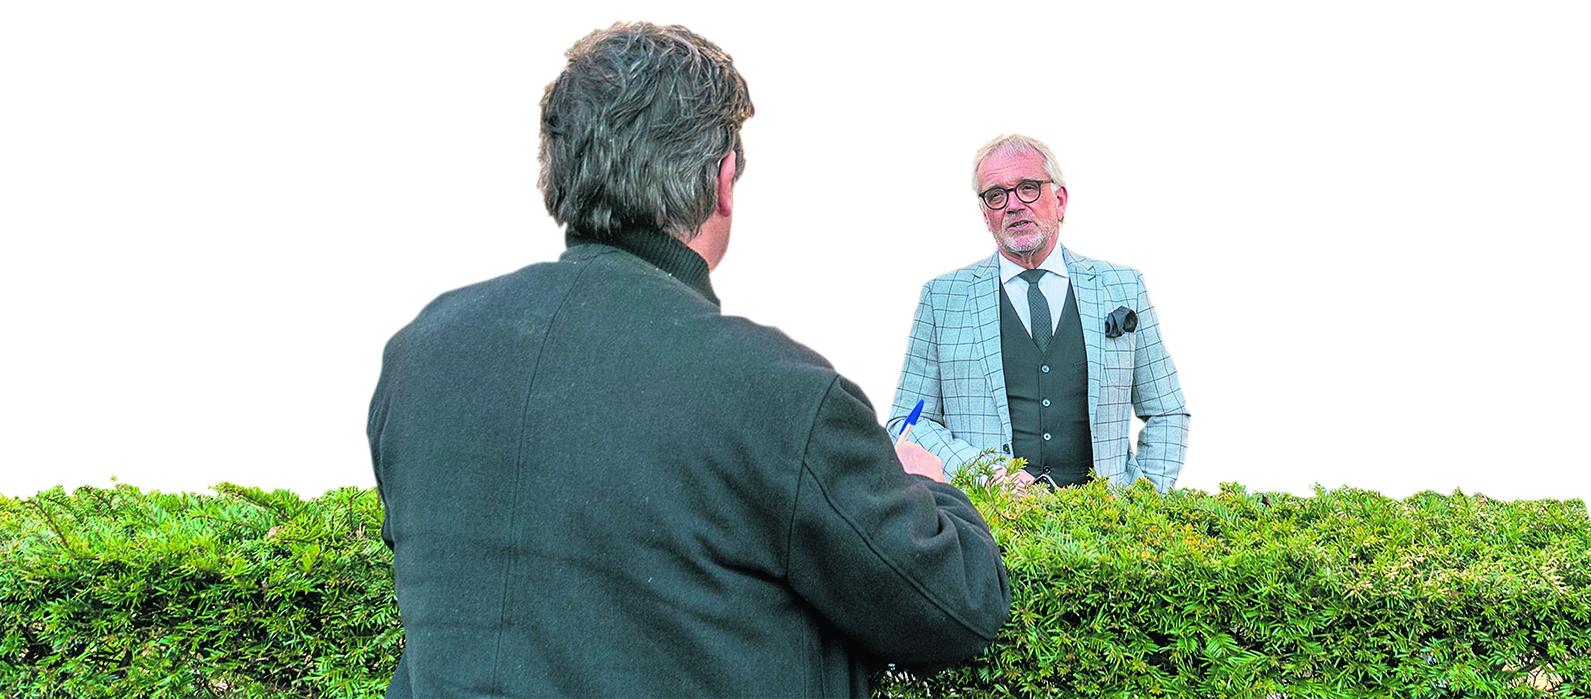 Burgemeester Alkmaar: 'We staan positief tegenover grotere terrassen, maar het moeten geen obstakels worden voor de voorbijgangers'